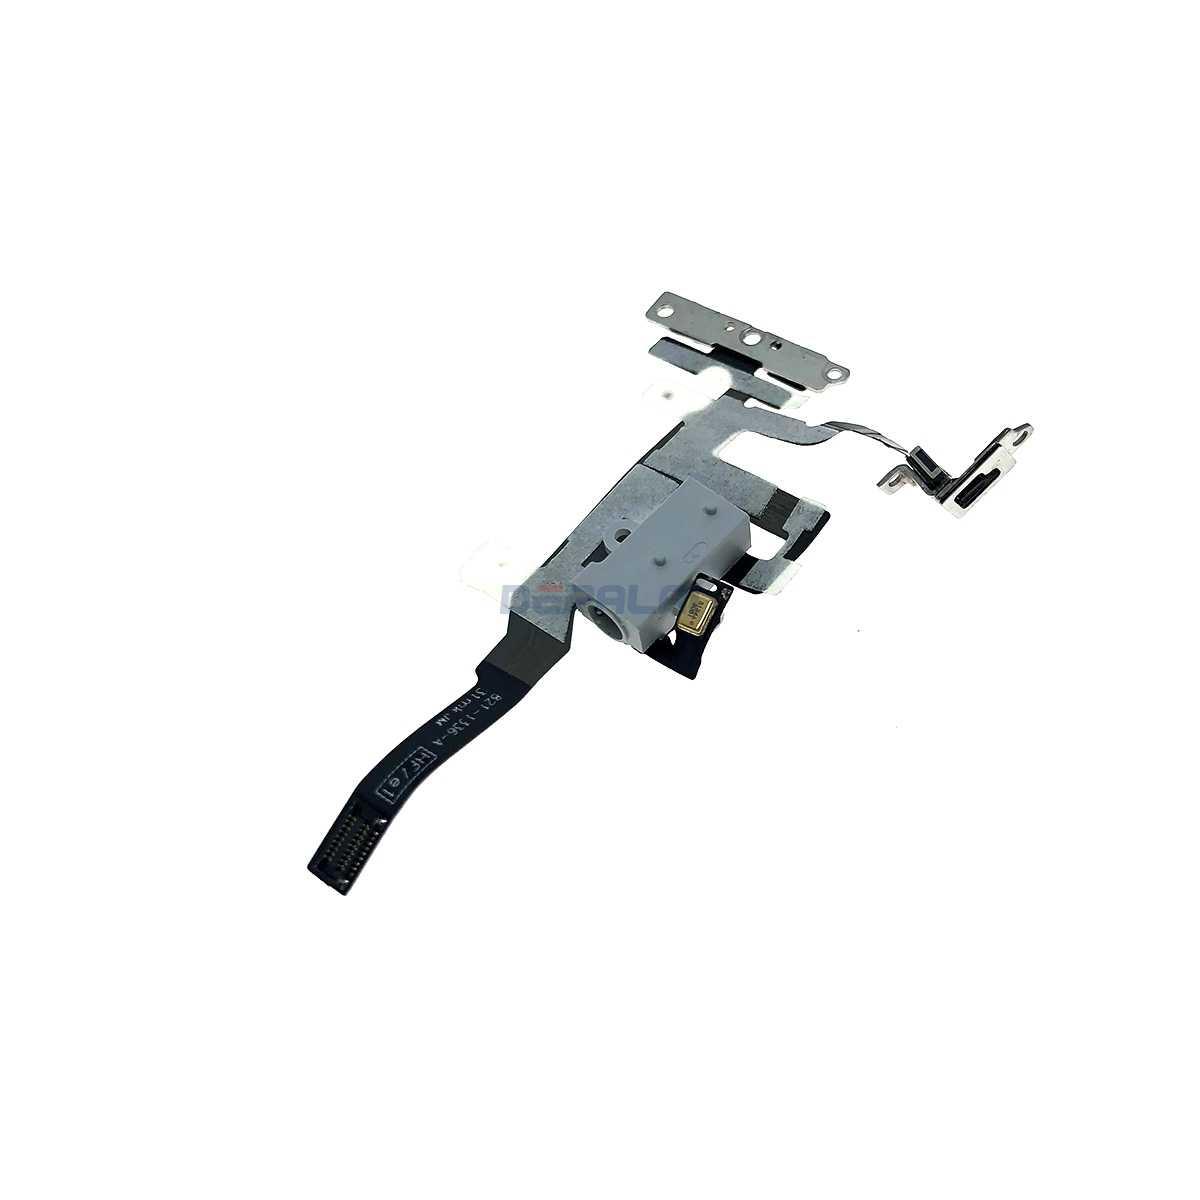 באיכות גבוהה עבור iPhone 4G 4S נפח כפתור מתג הפעלה כבוי כפתור מפתח להגמיש כבל